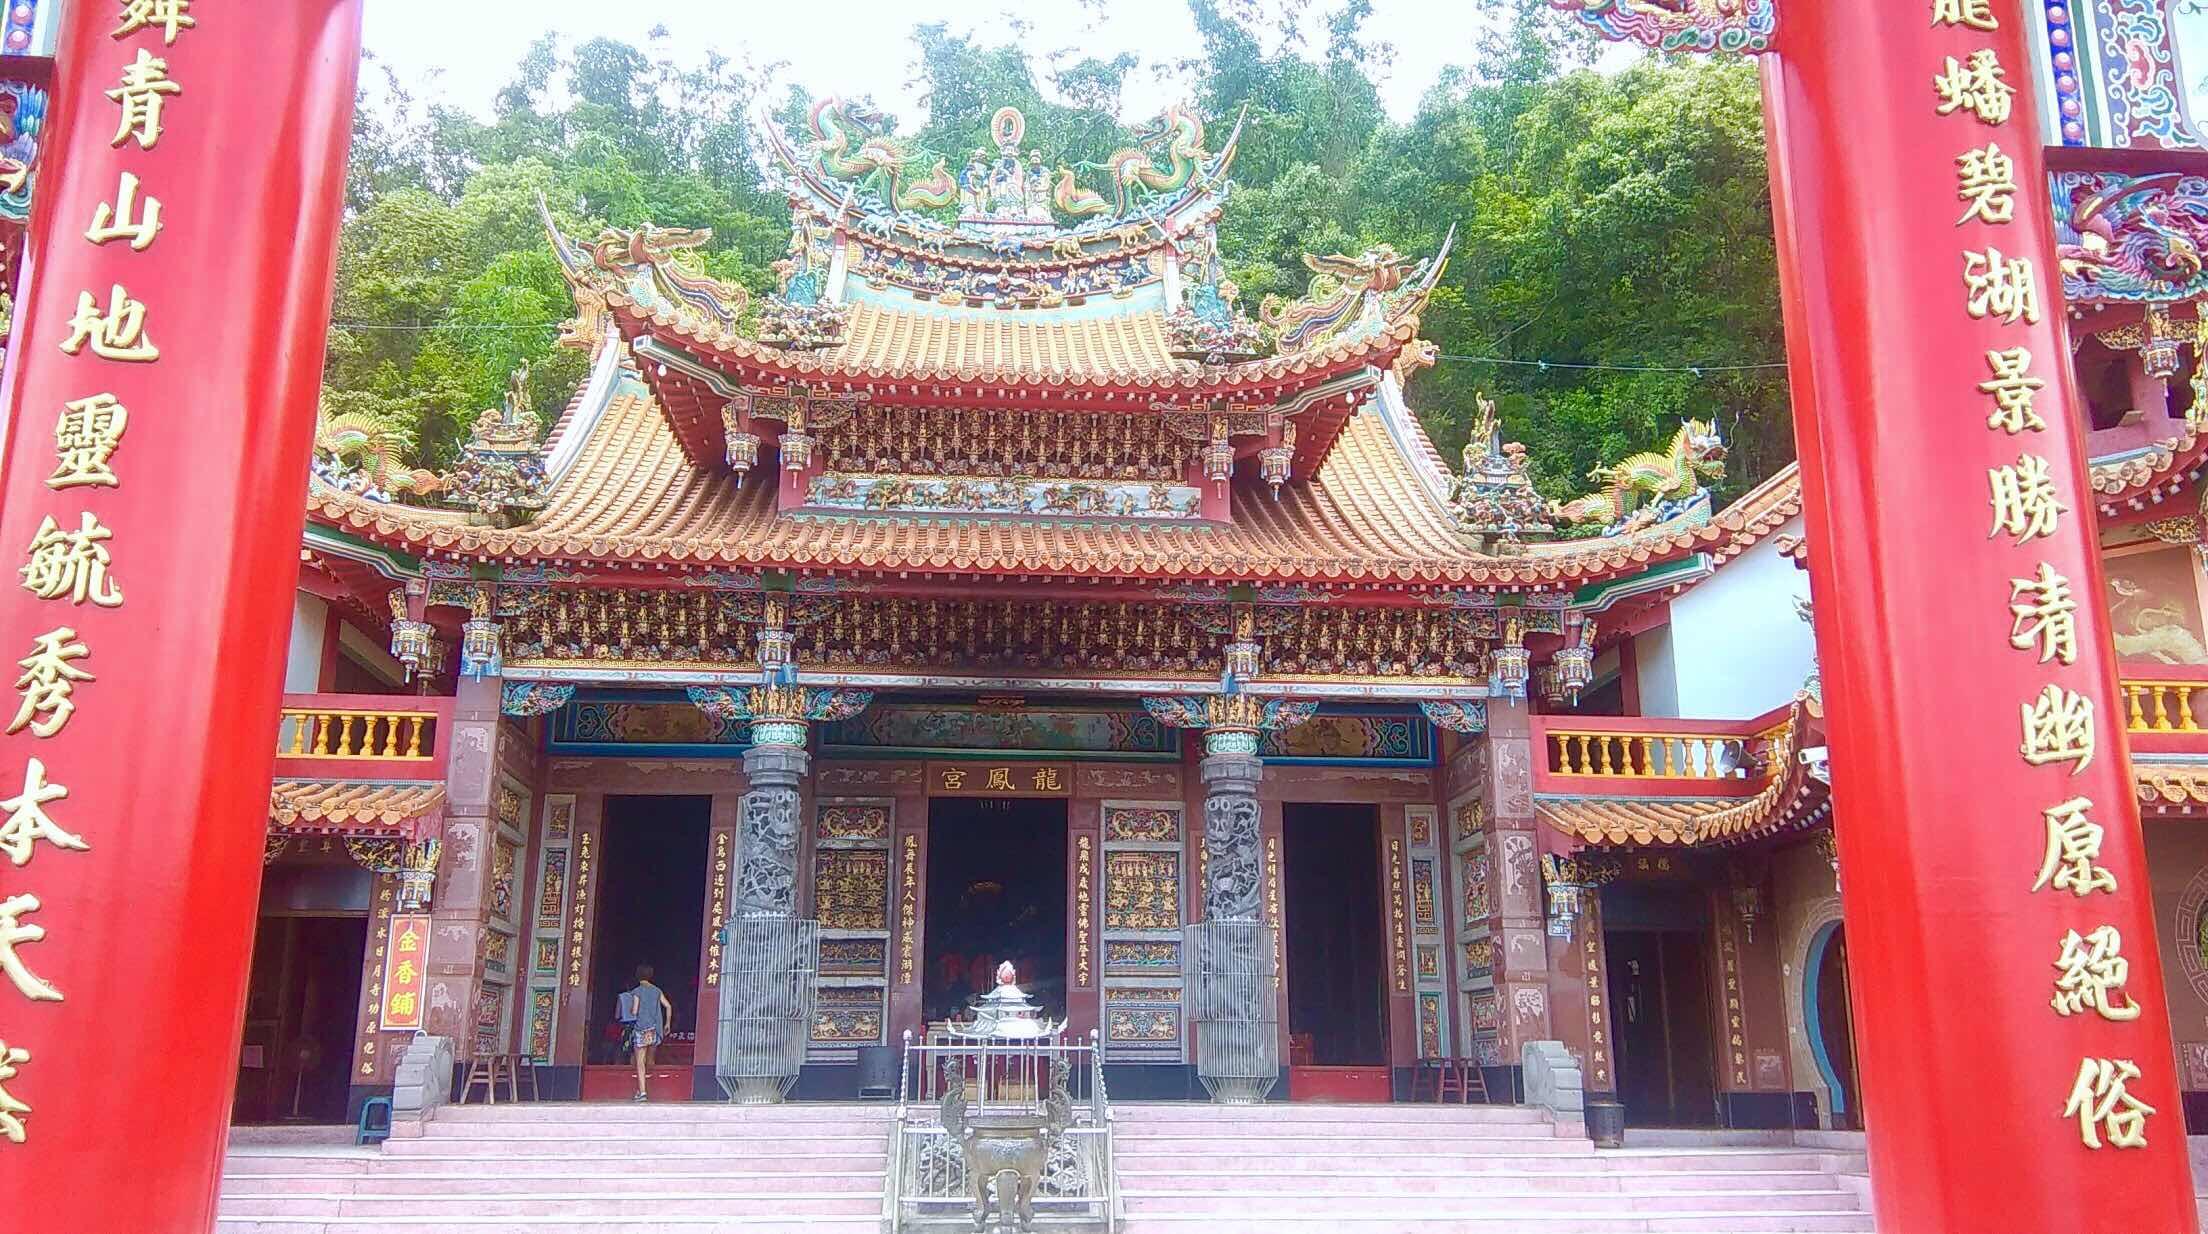 sun moon lake nantou longfeng temple, temples of sun moon lake